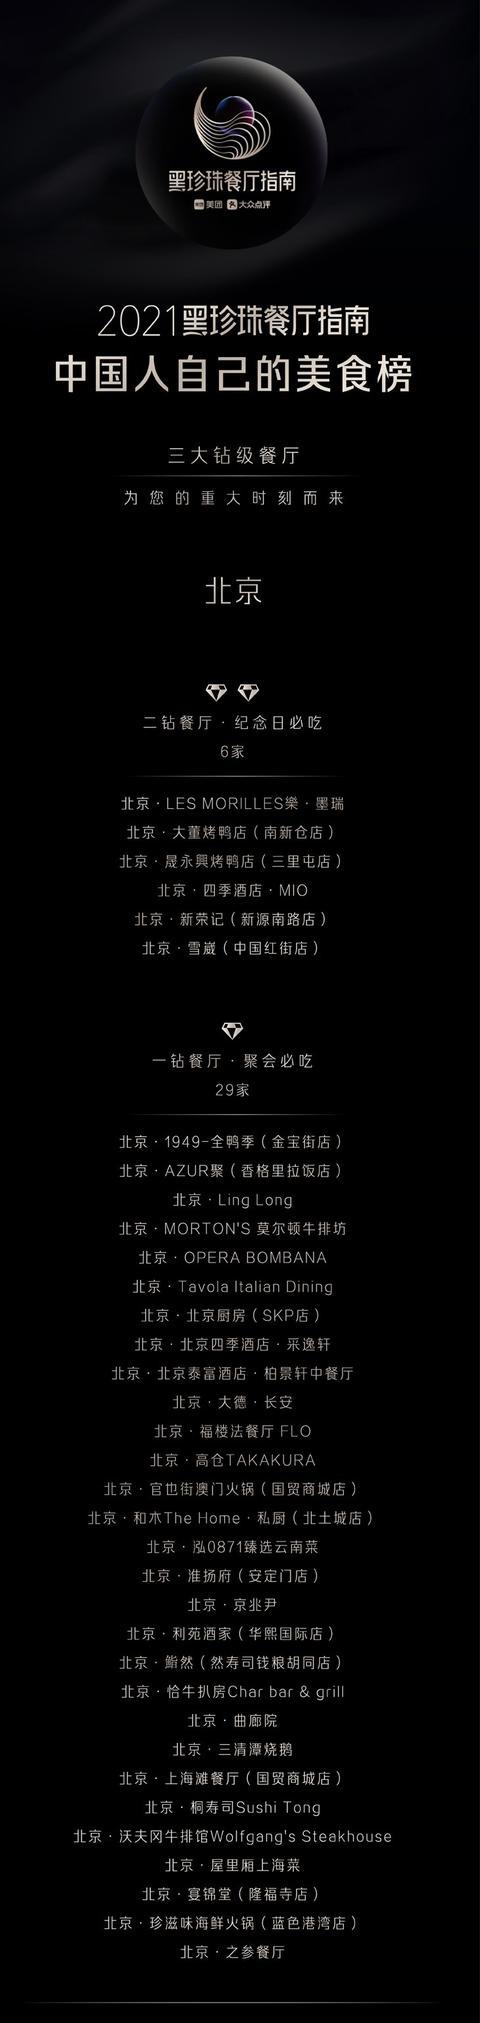 """天下美食网,中国版""""美食指南""""出炉,北京35家餐厅上榜"""